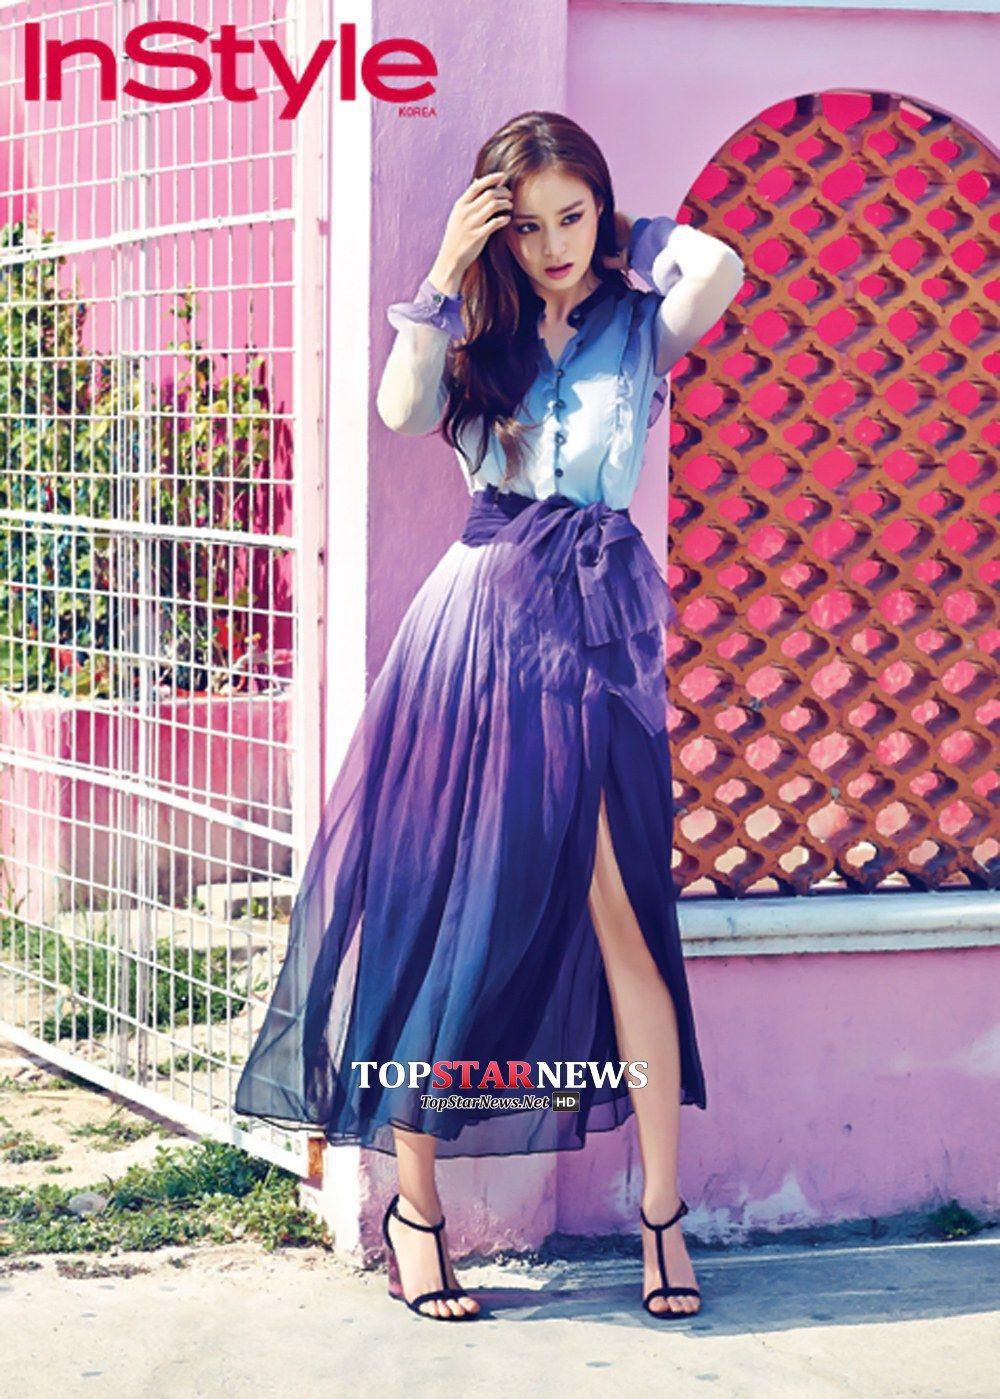 Chiều cao rất mực khiêm tốn nhưng 4 sao nữ Hàn này vẫn sở hữu phong cách thời trang đẹp hút hồn - Ảnh 10.